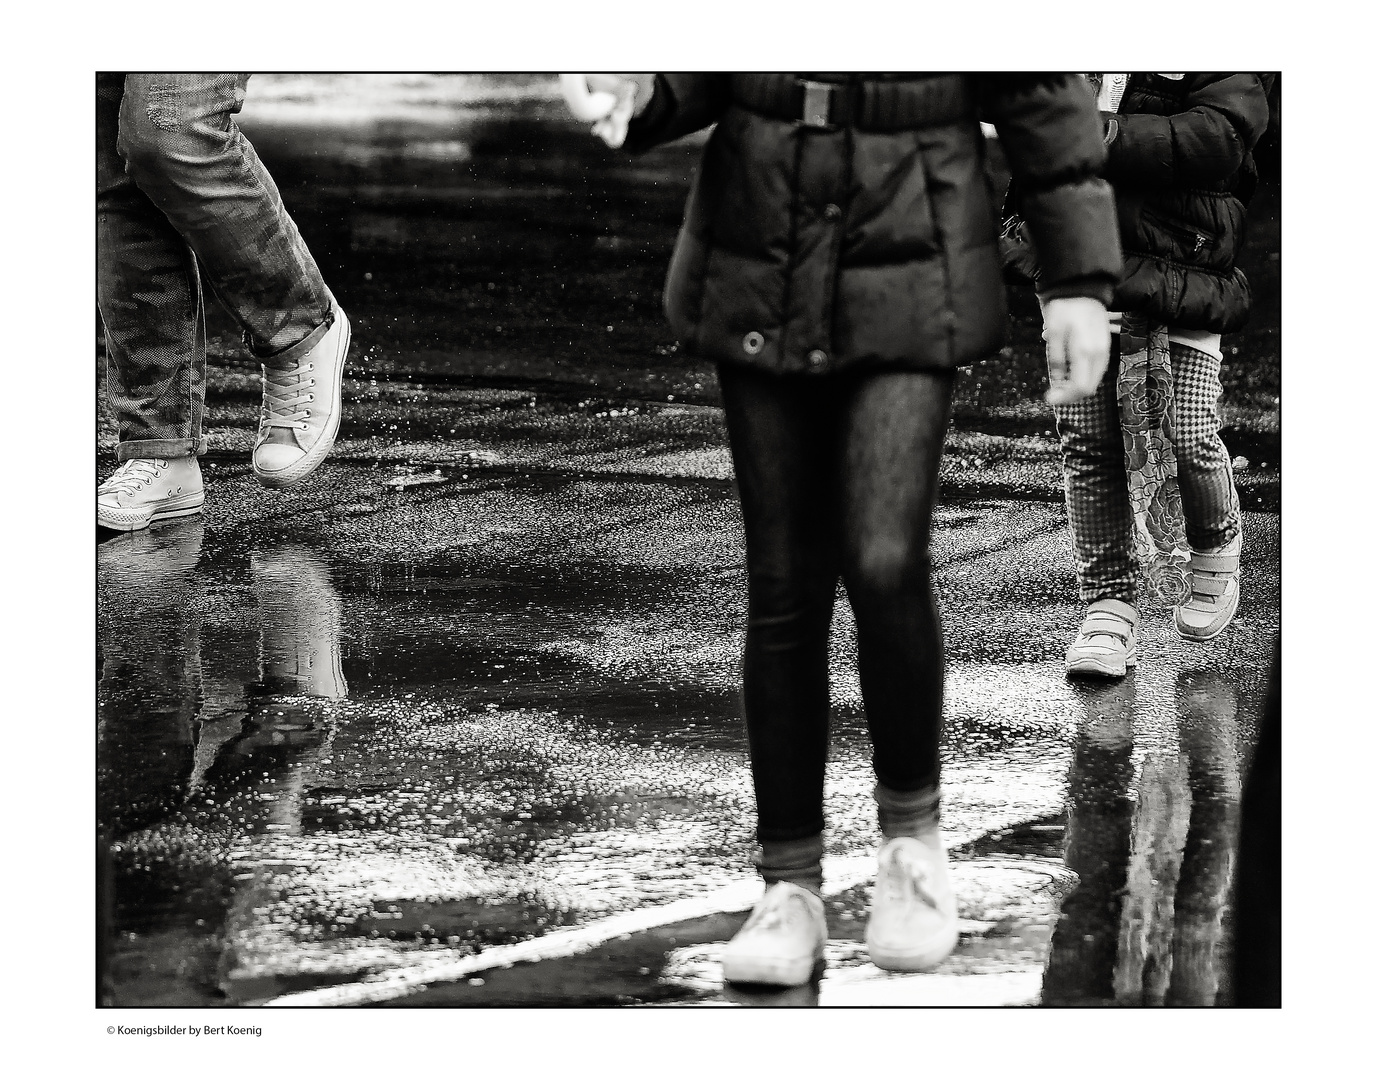 Auf nasser Straße